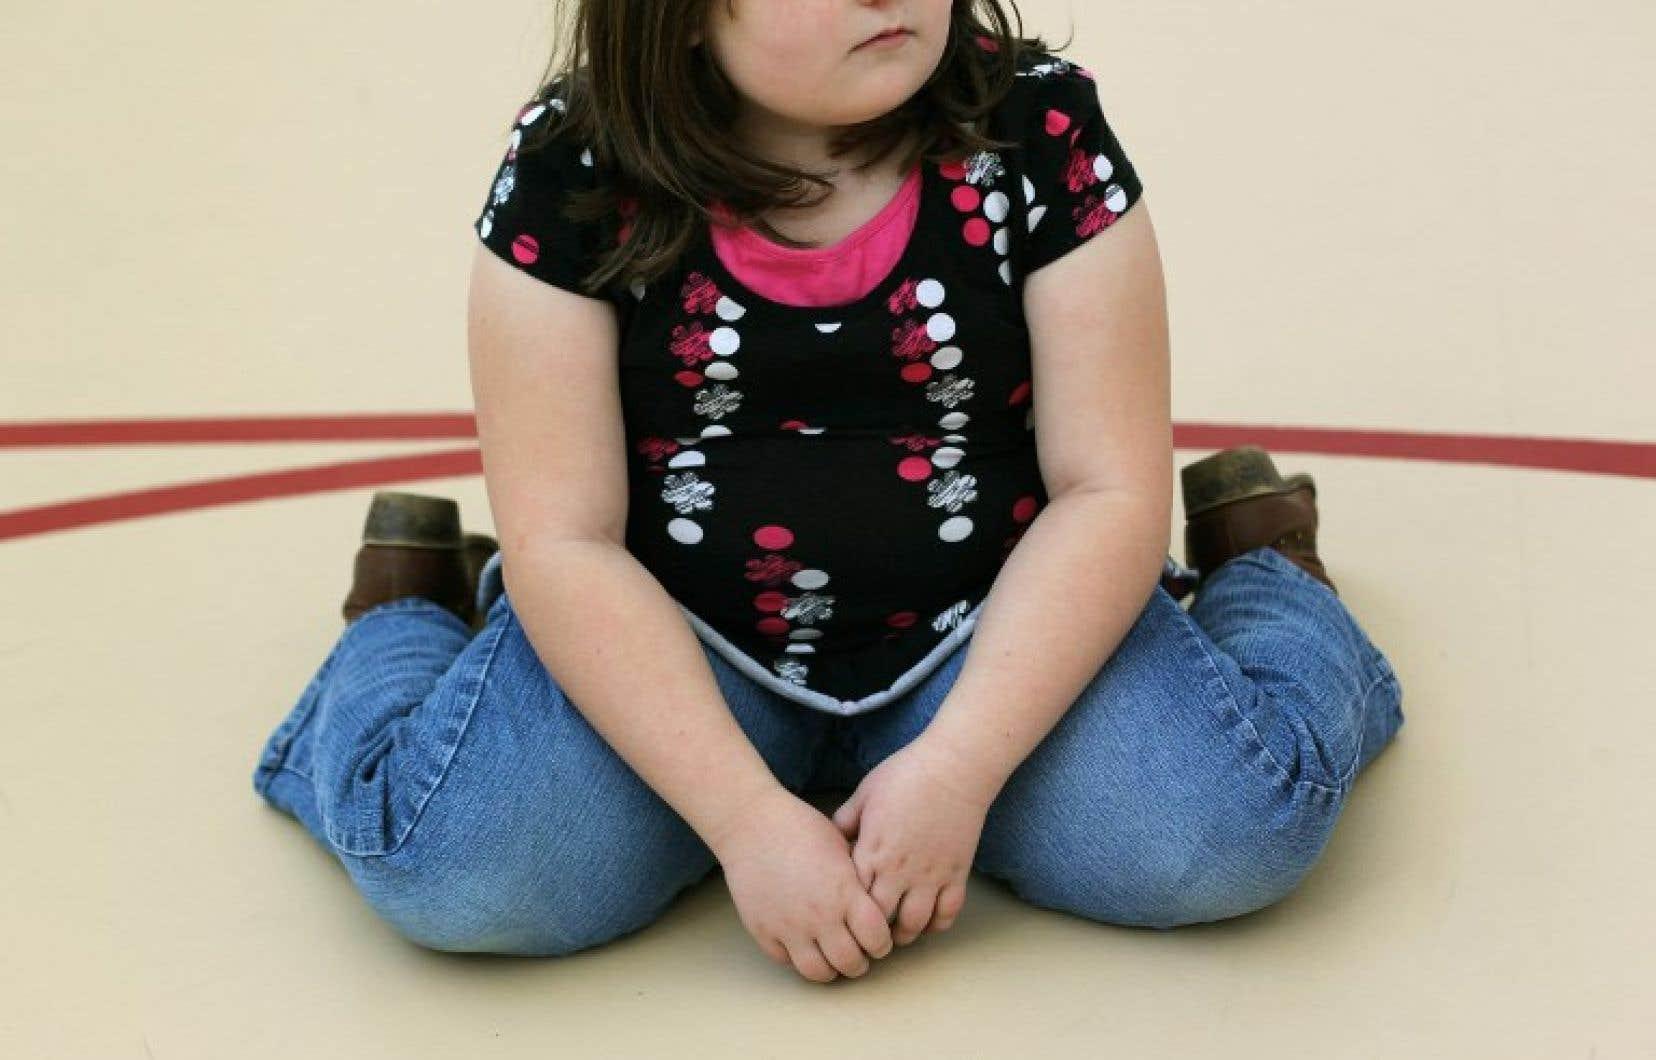 L'obésité des enfants a récemment plafonné à environ 10 % au Royaume-Uni et à environ 20 % aux États-Unis.